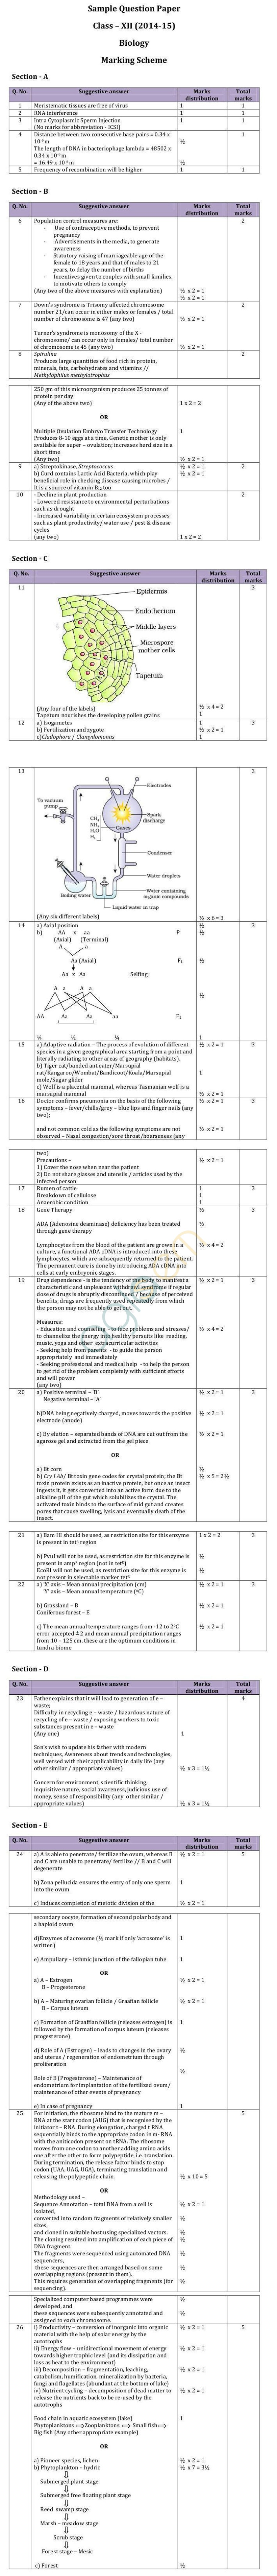 CBSE Class XII Marking Scheme 2015 for Biology